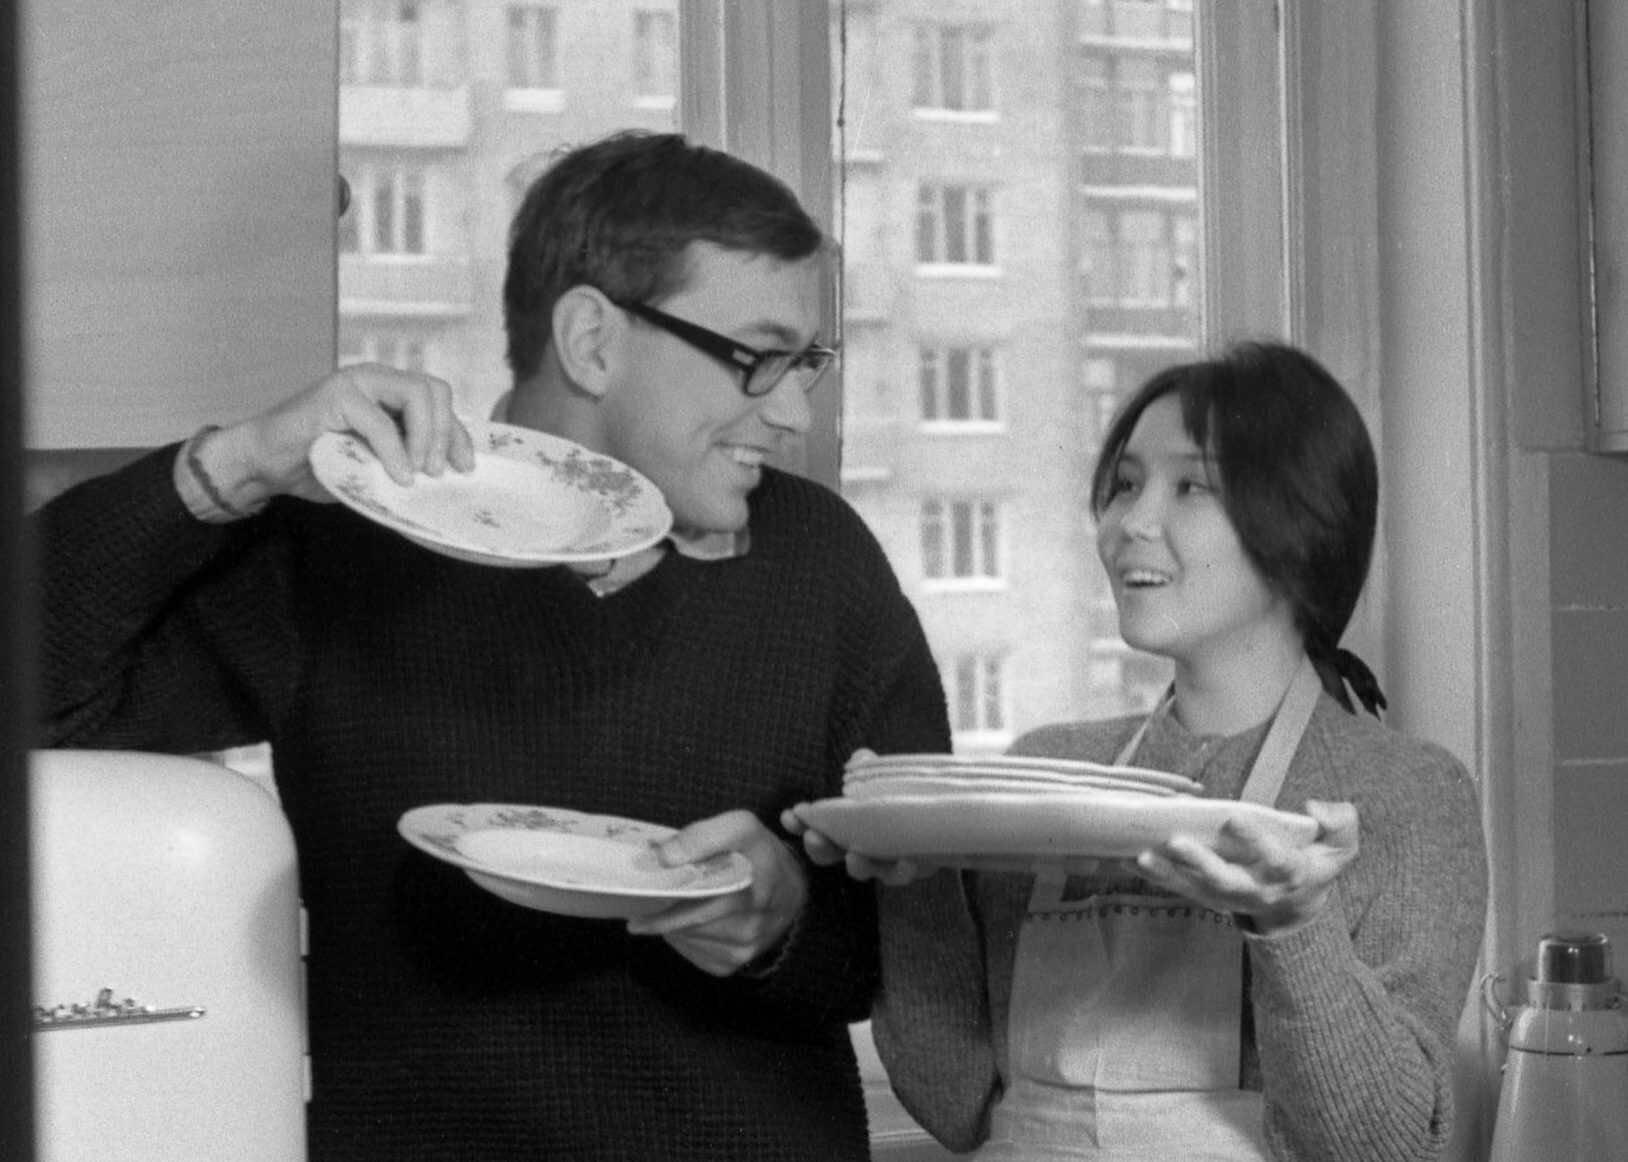 «Она все время изменяла»: бывшая жена Андрея Кончаловского нелестно высказалась о его браке с Юлией Высоцкой